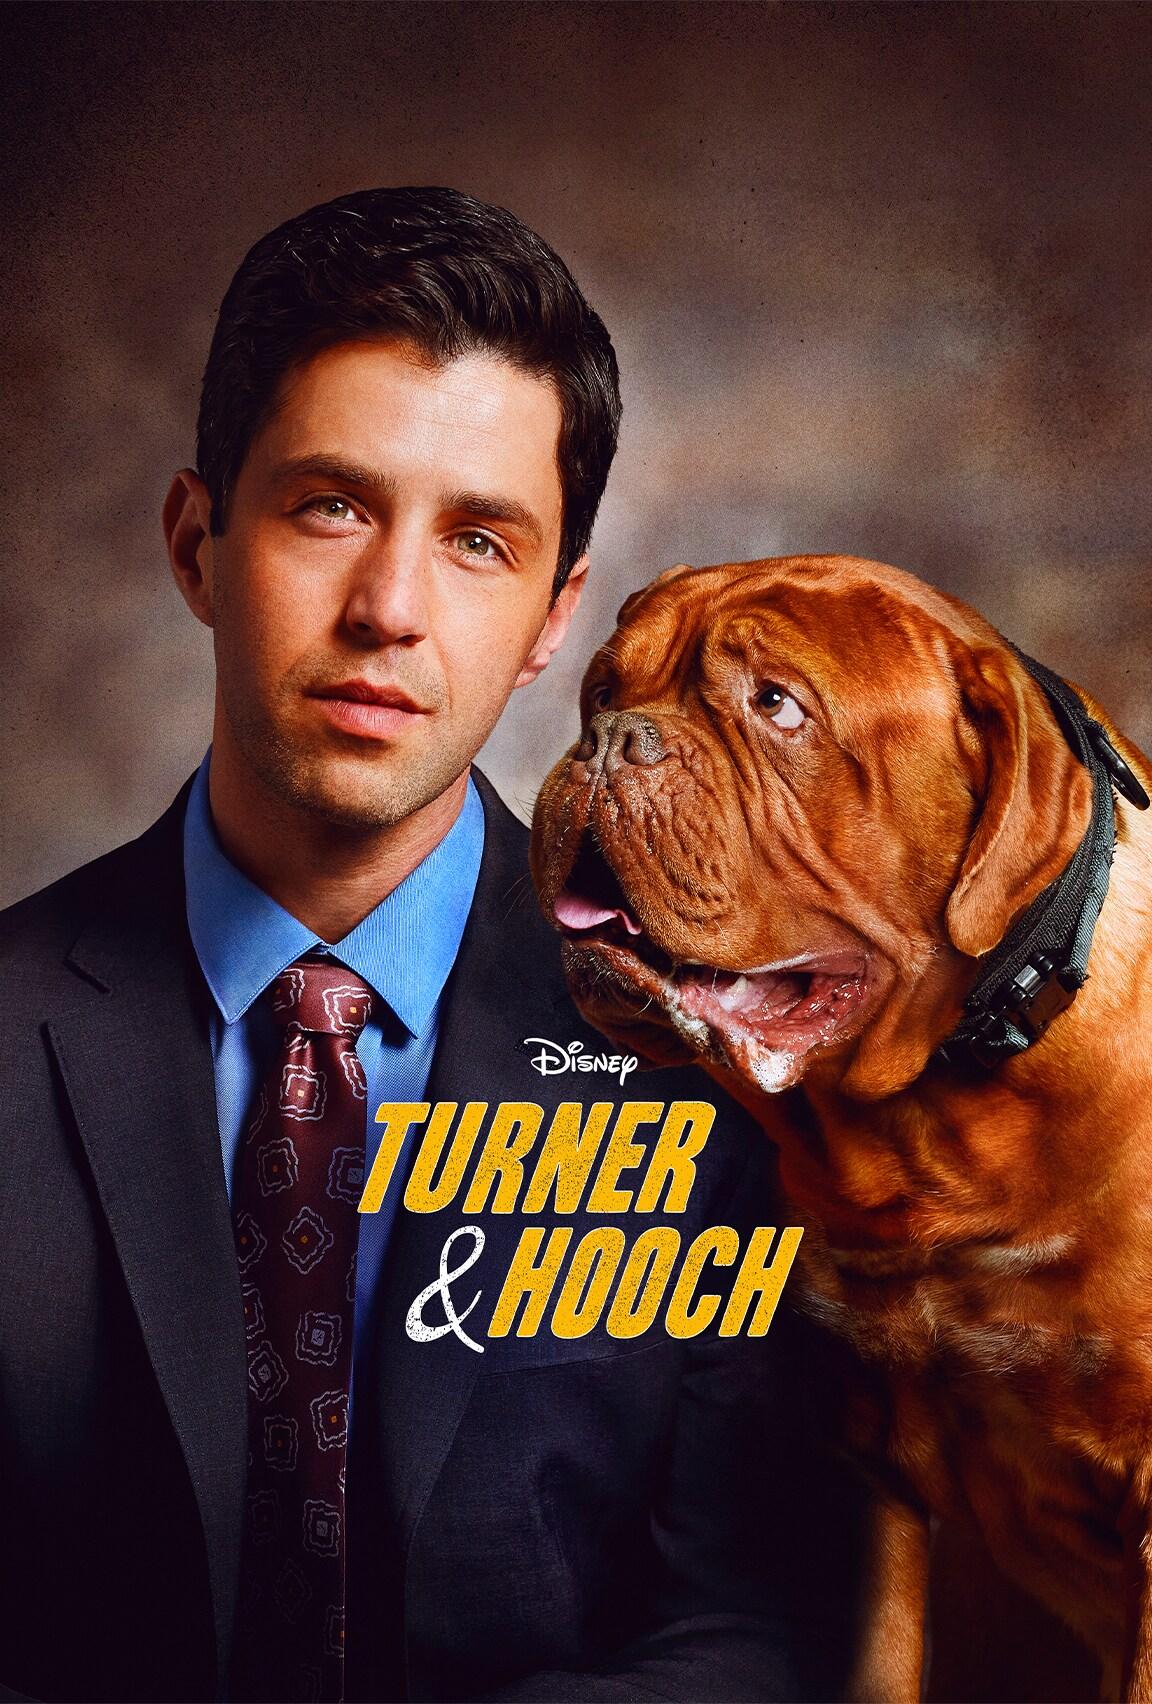 Turner & Hooch on Disney Plus